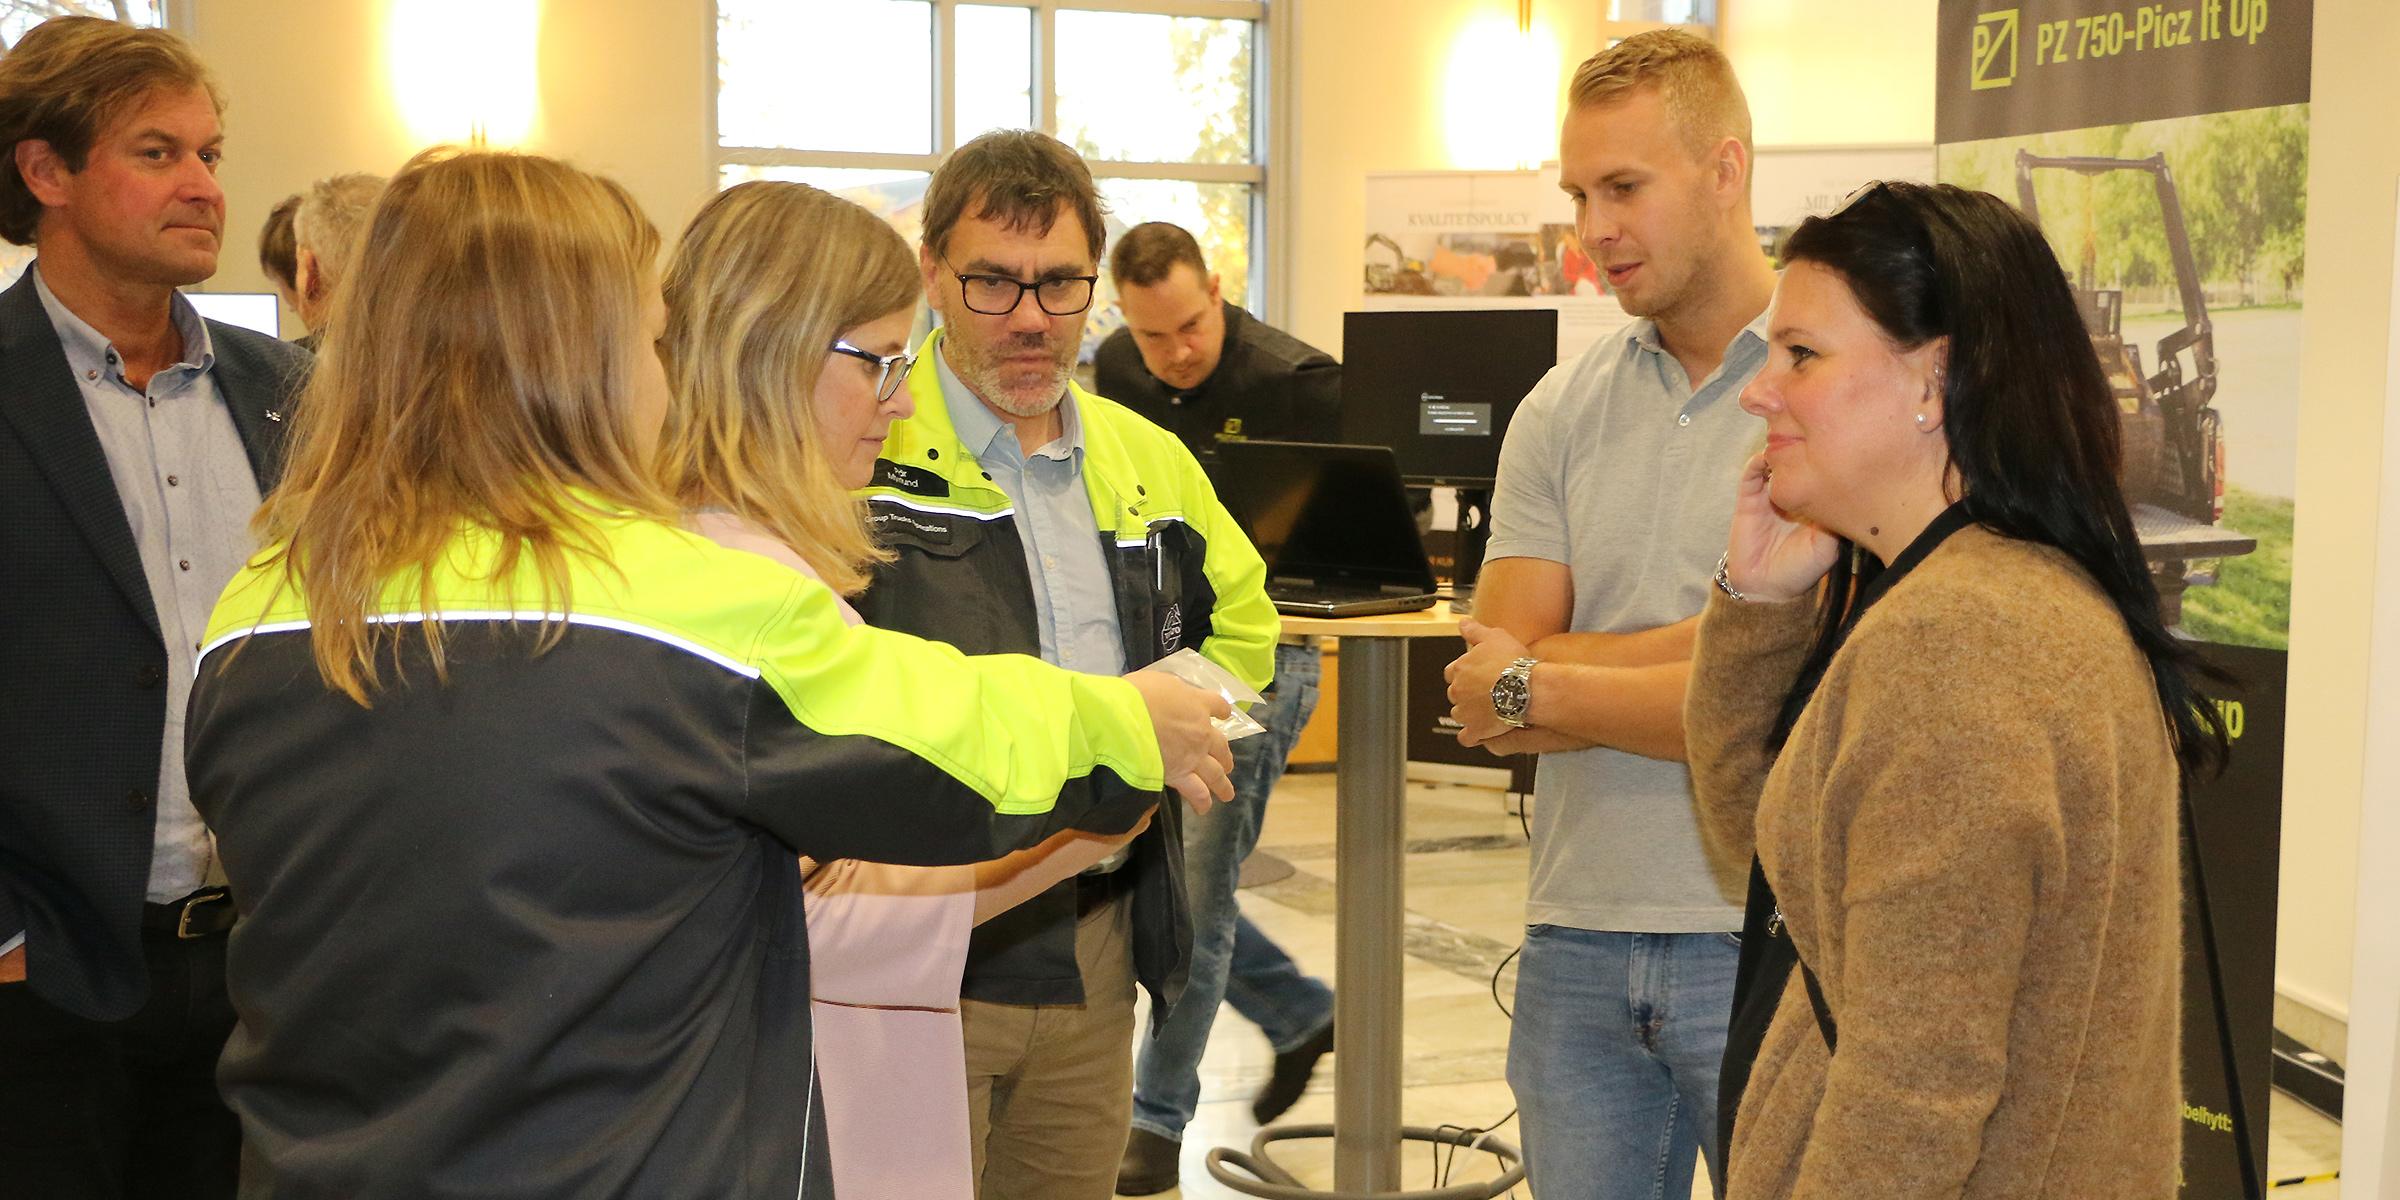 SolarScaling var ett av bolagen på plats. Längst till höger syns Jeanette Kjellberg, en av grundarna.